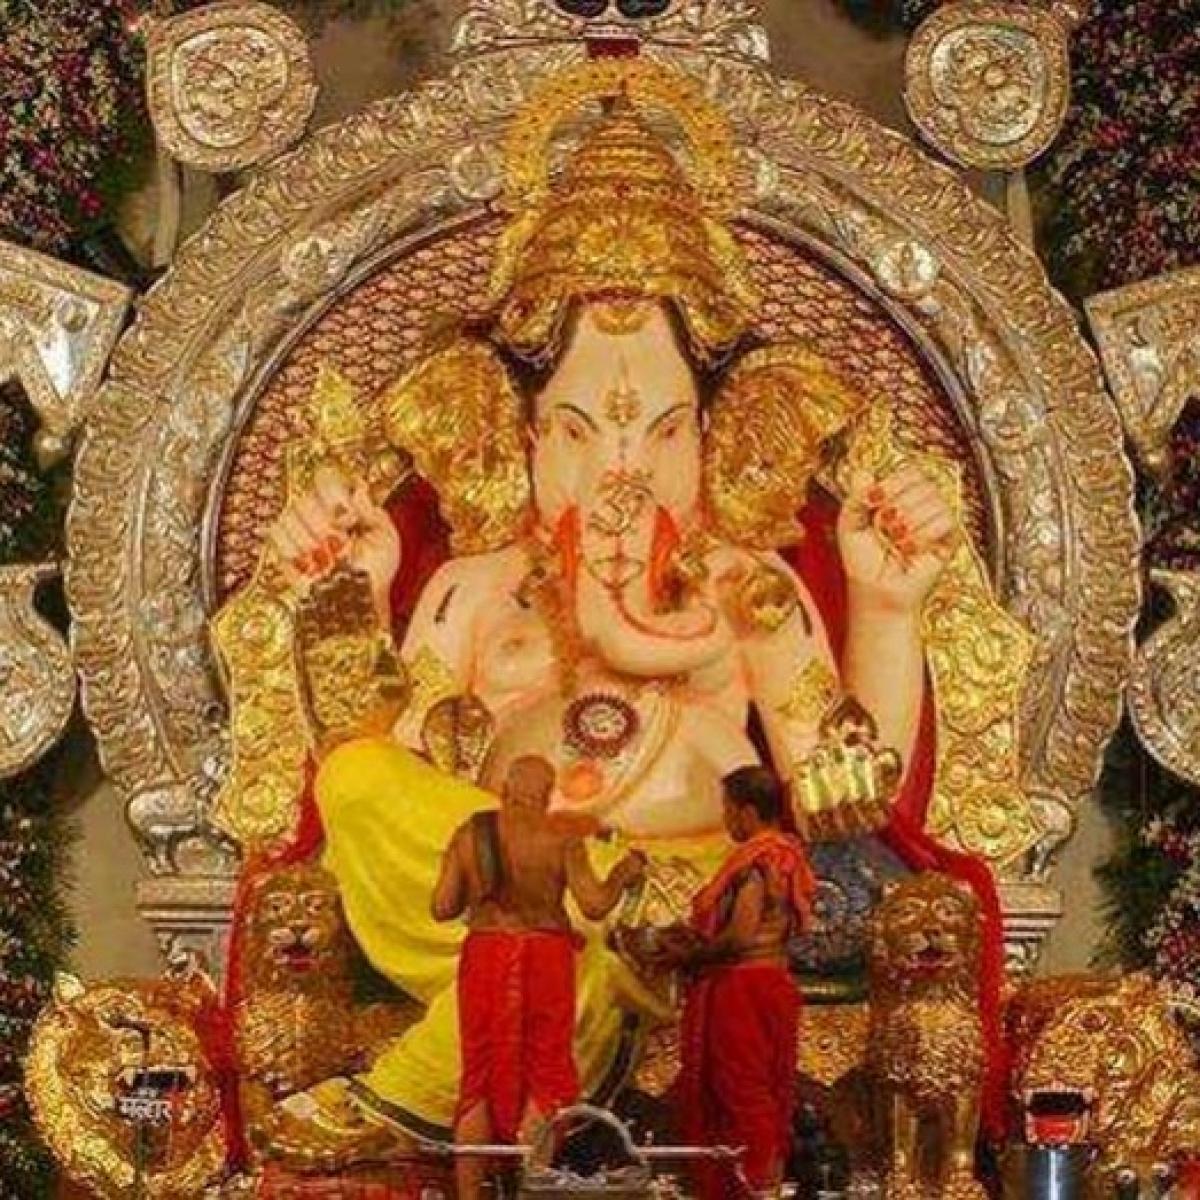 Ganesh Chaturthi 2019: GSB Seva Mandal takes insurance cover of Rs 266.65 crore